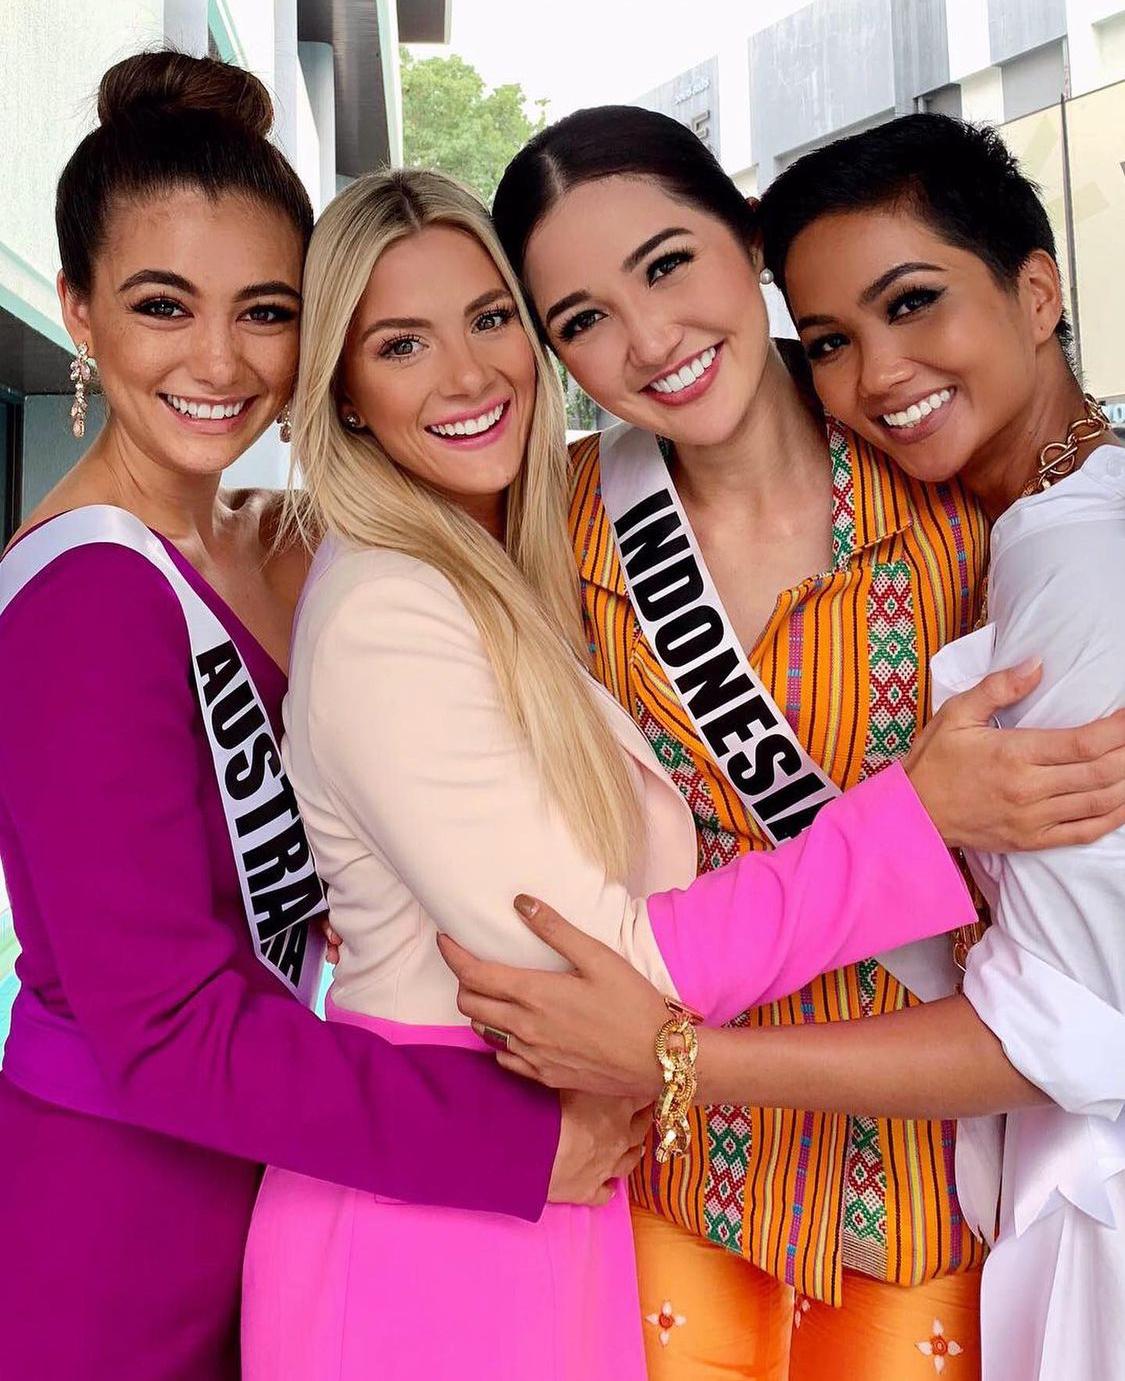 Sarah Rose Summers sinh năm 1994, cao 1,65 m và là Hoa hậu Mỹ 2018. Cô dự thi Miss Universe 2018 chung với HHen Niê. Tại cuộc thi, mỹ nhân tóc vàng gặp sự cố vạ miêng khi chê vốn tiếng Anh của HHen Niê không tốt. Kết quả, Sarah dừng chân top 20.